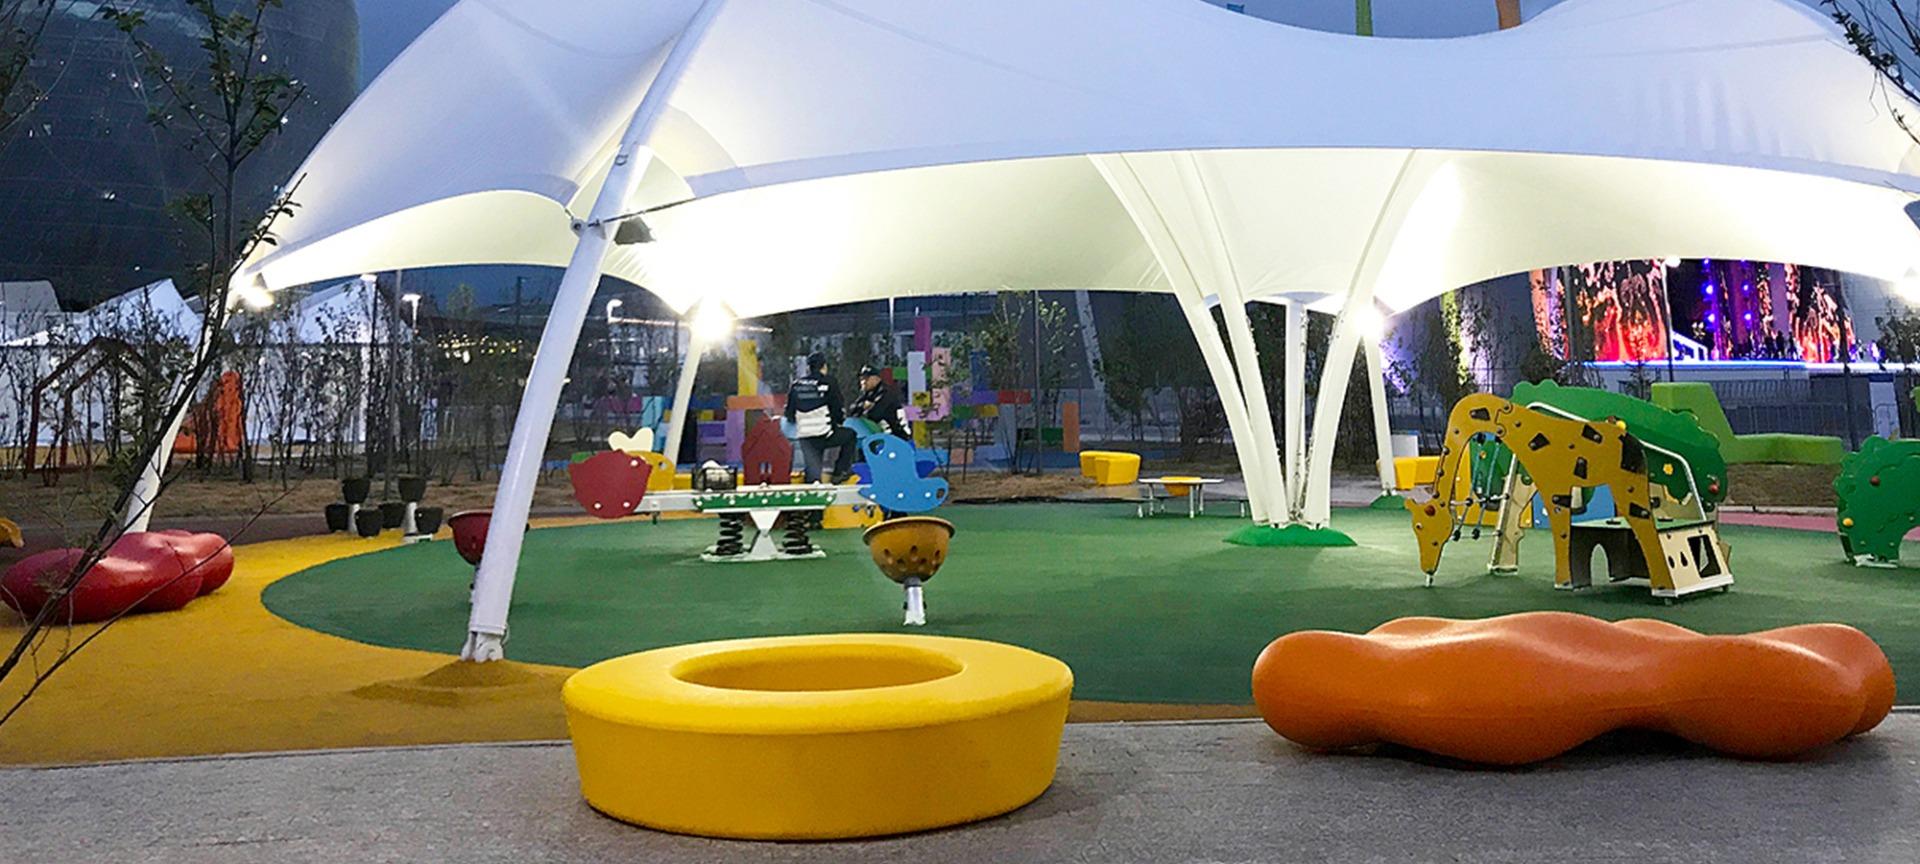 World Expo 17 in Astana